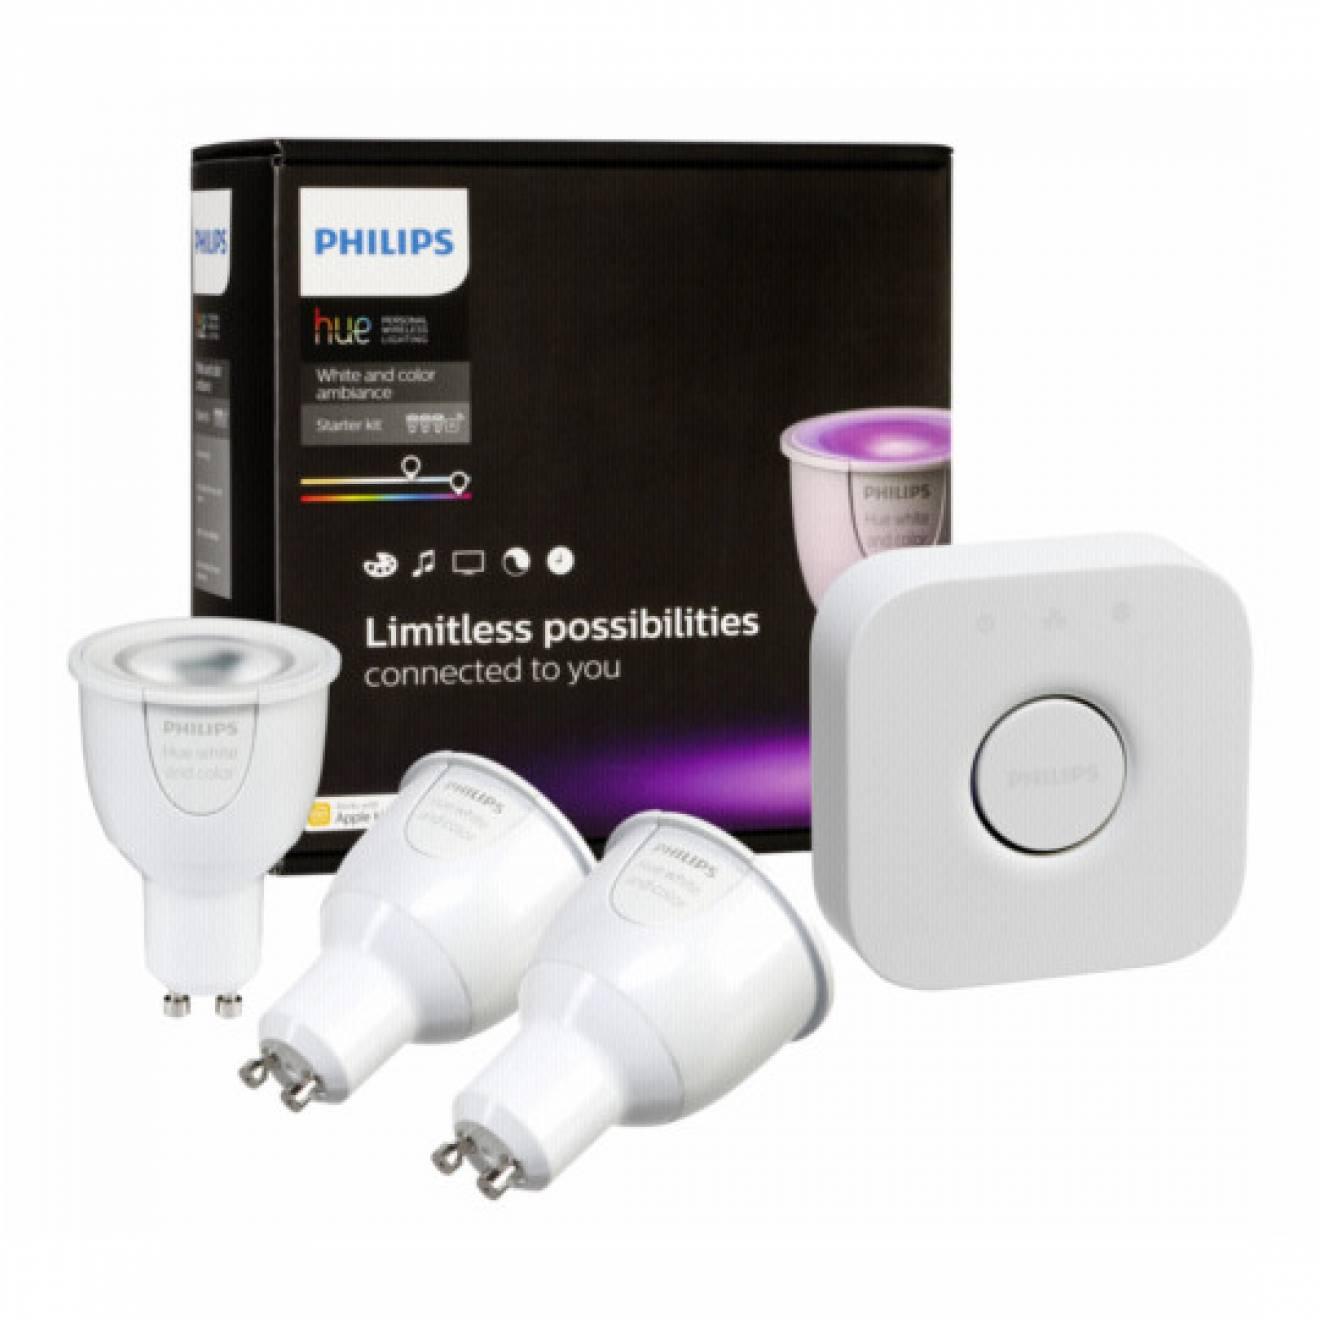 philips hue starter set 3x gu10 rgbw lampes led avec pont 2 0. Black Bedroom Furniture Sets. Home Design Ideas